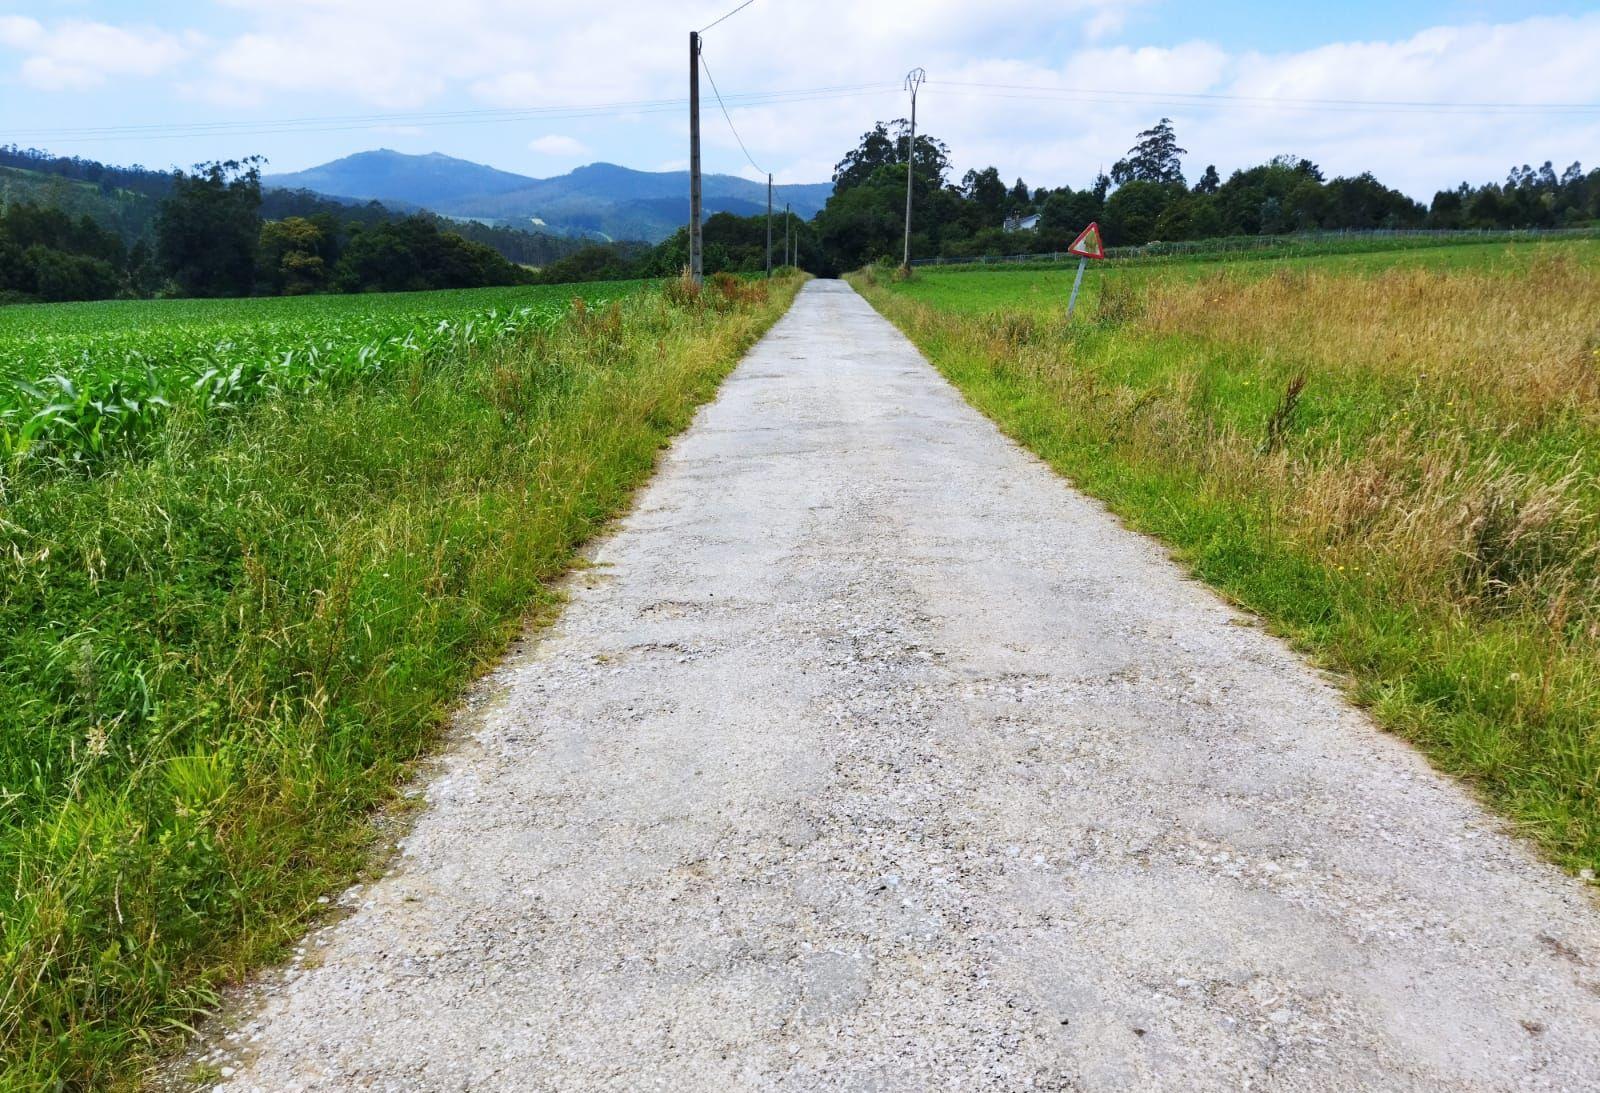 O Concello de Ribadeo saca a licitación as obras de mellora integral do camiño en Covelas que une Salcedo con Saa